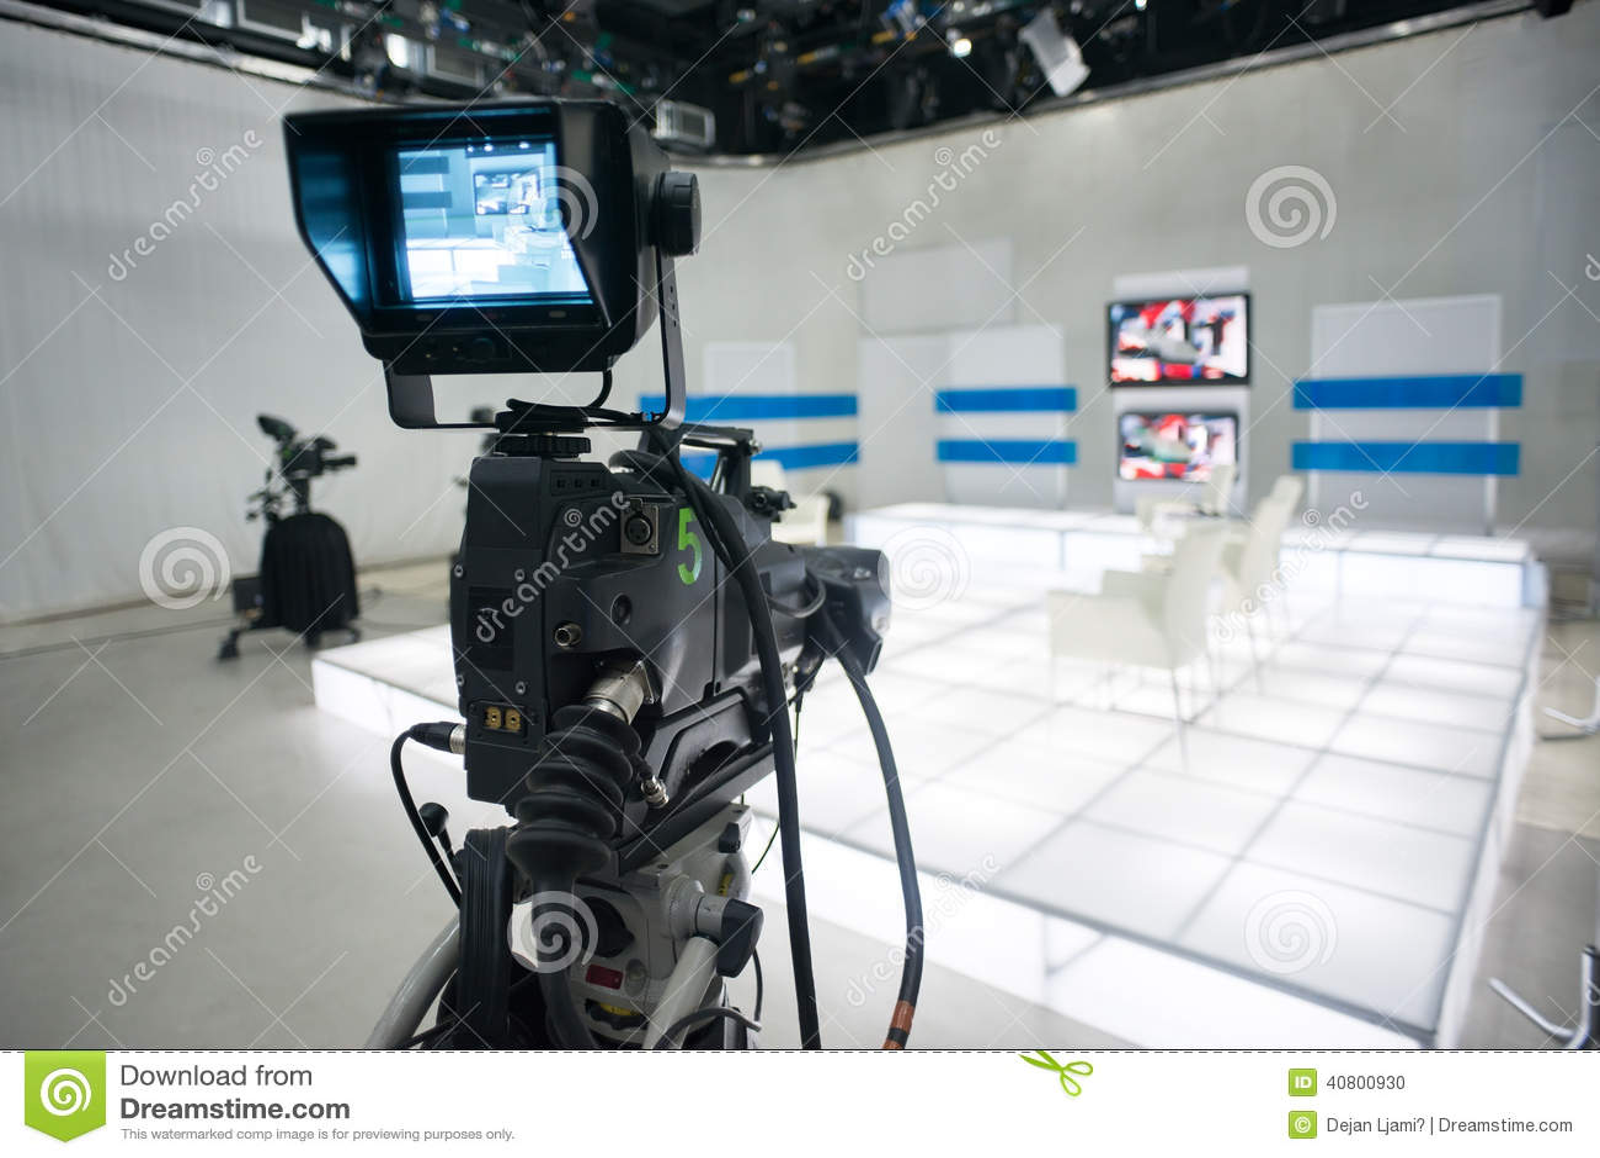 Televisionstudio med kameran och ljus